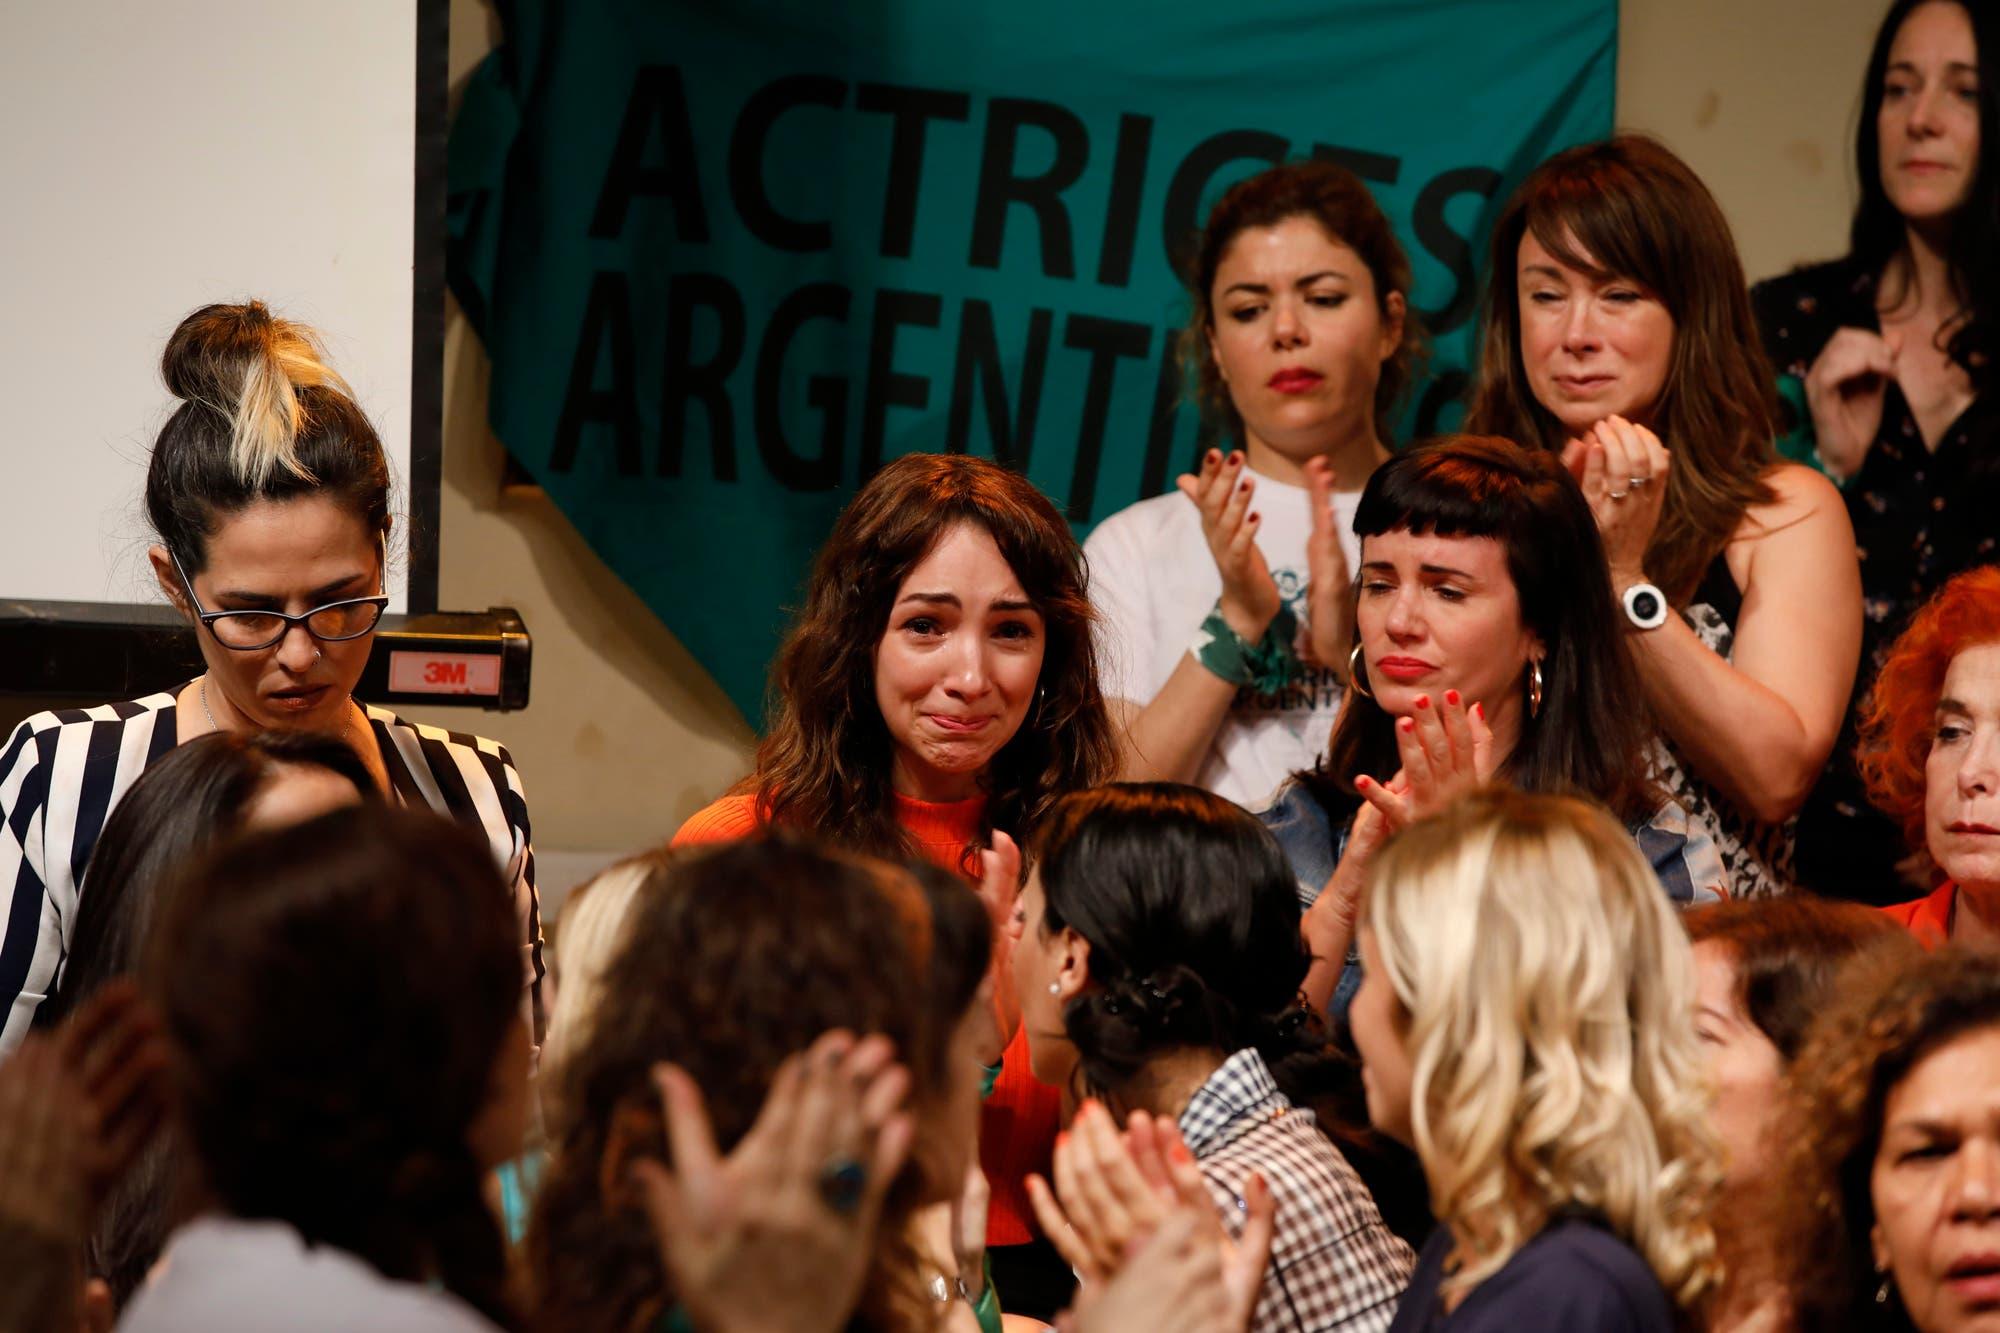 Actriz Programas Porno Infantil un grupo de actrices dio a conocer una denuncia penal contra